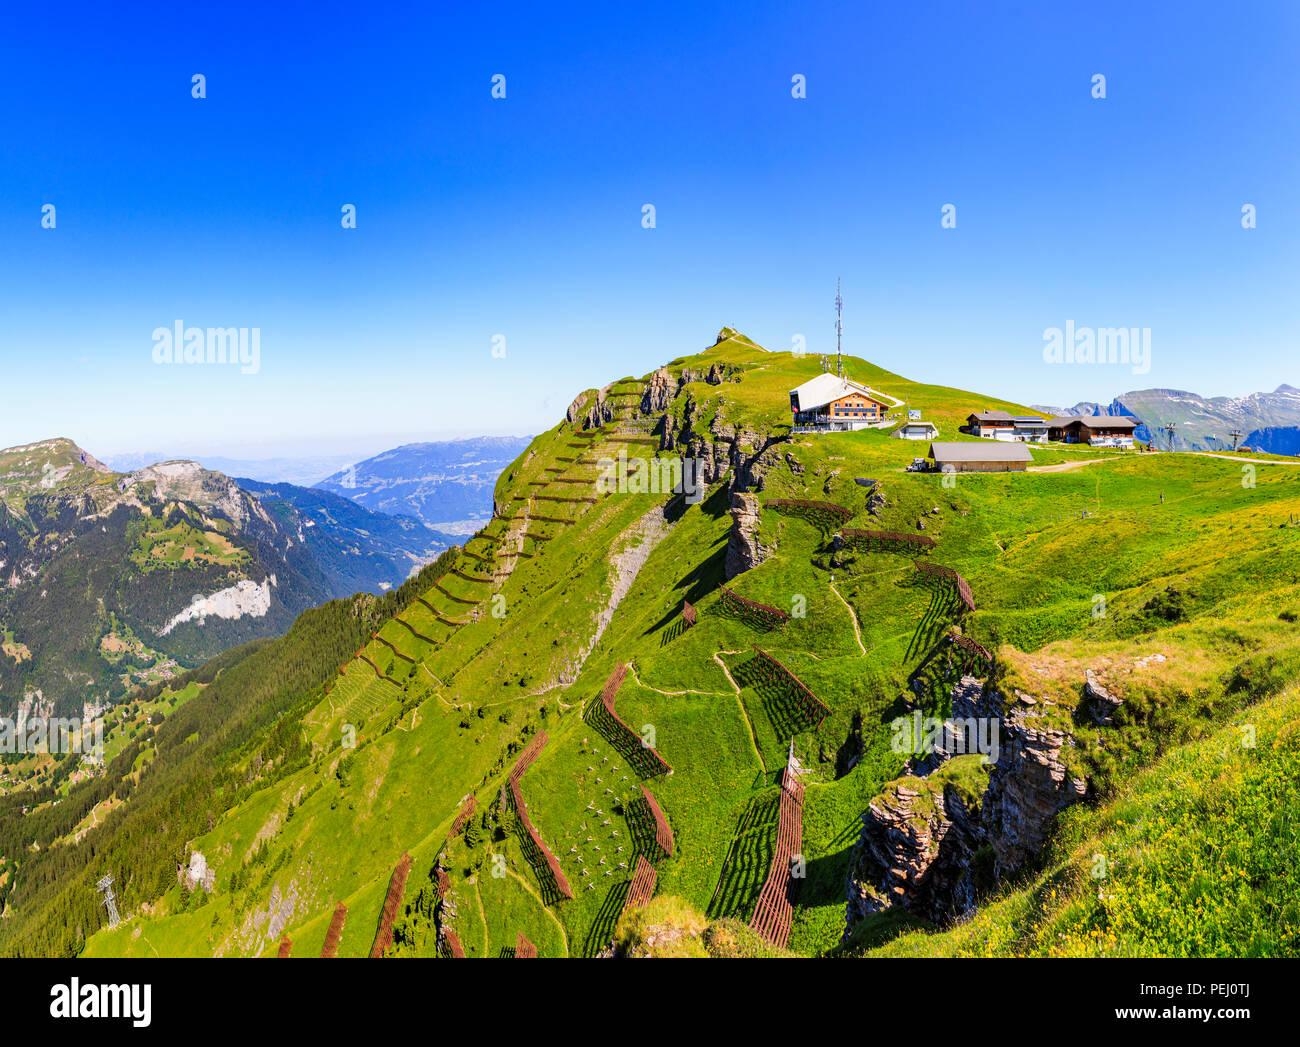 Maennlichen Seilbahnstation oben Wengen und das Lauterbrunnental, Jungfrau Region und den Pfad des Royal View, Berner Oberland, Schweiz Stockbild